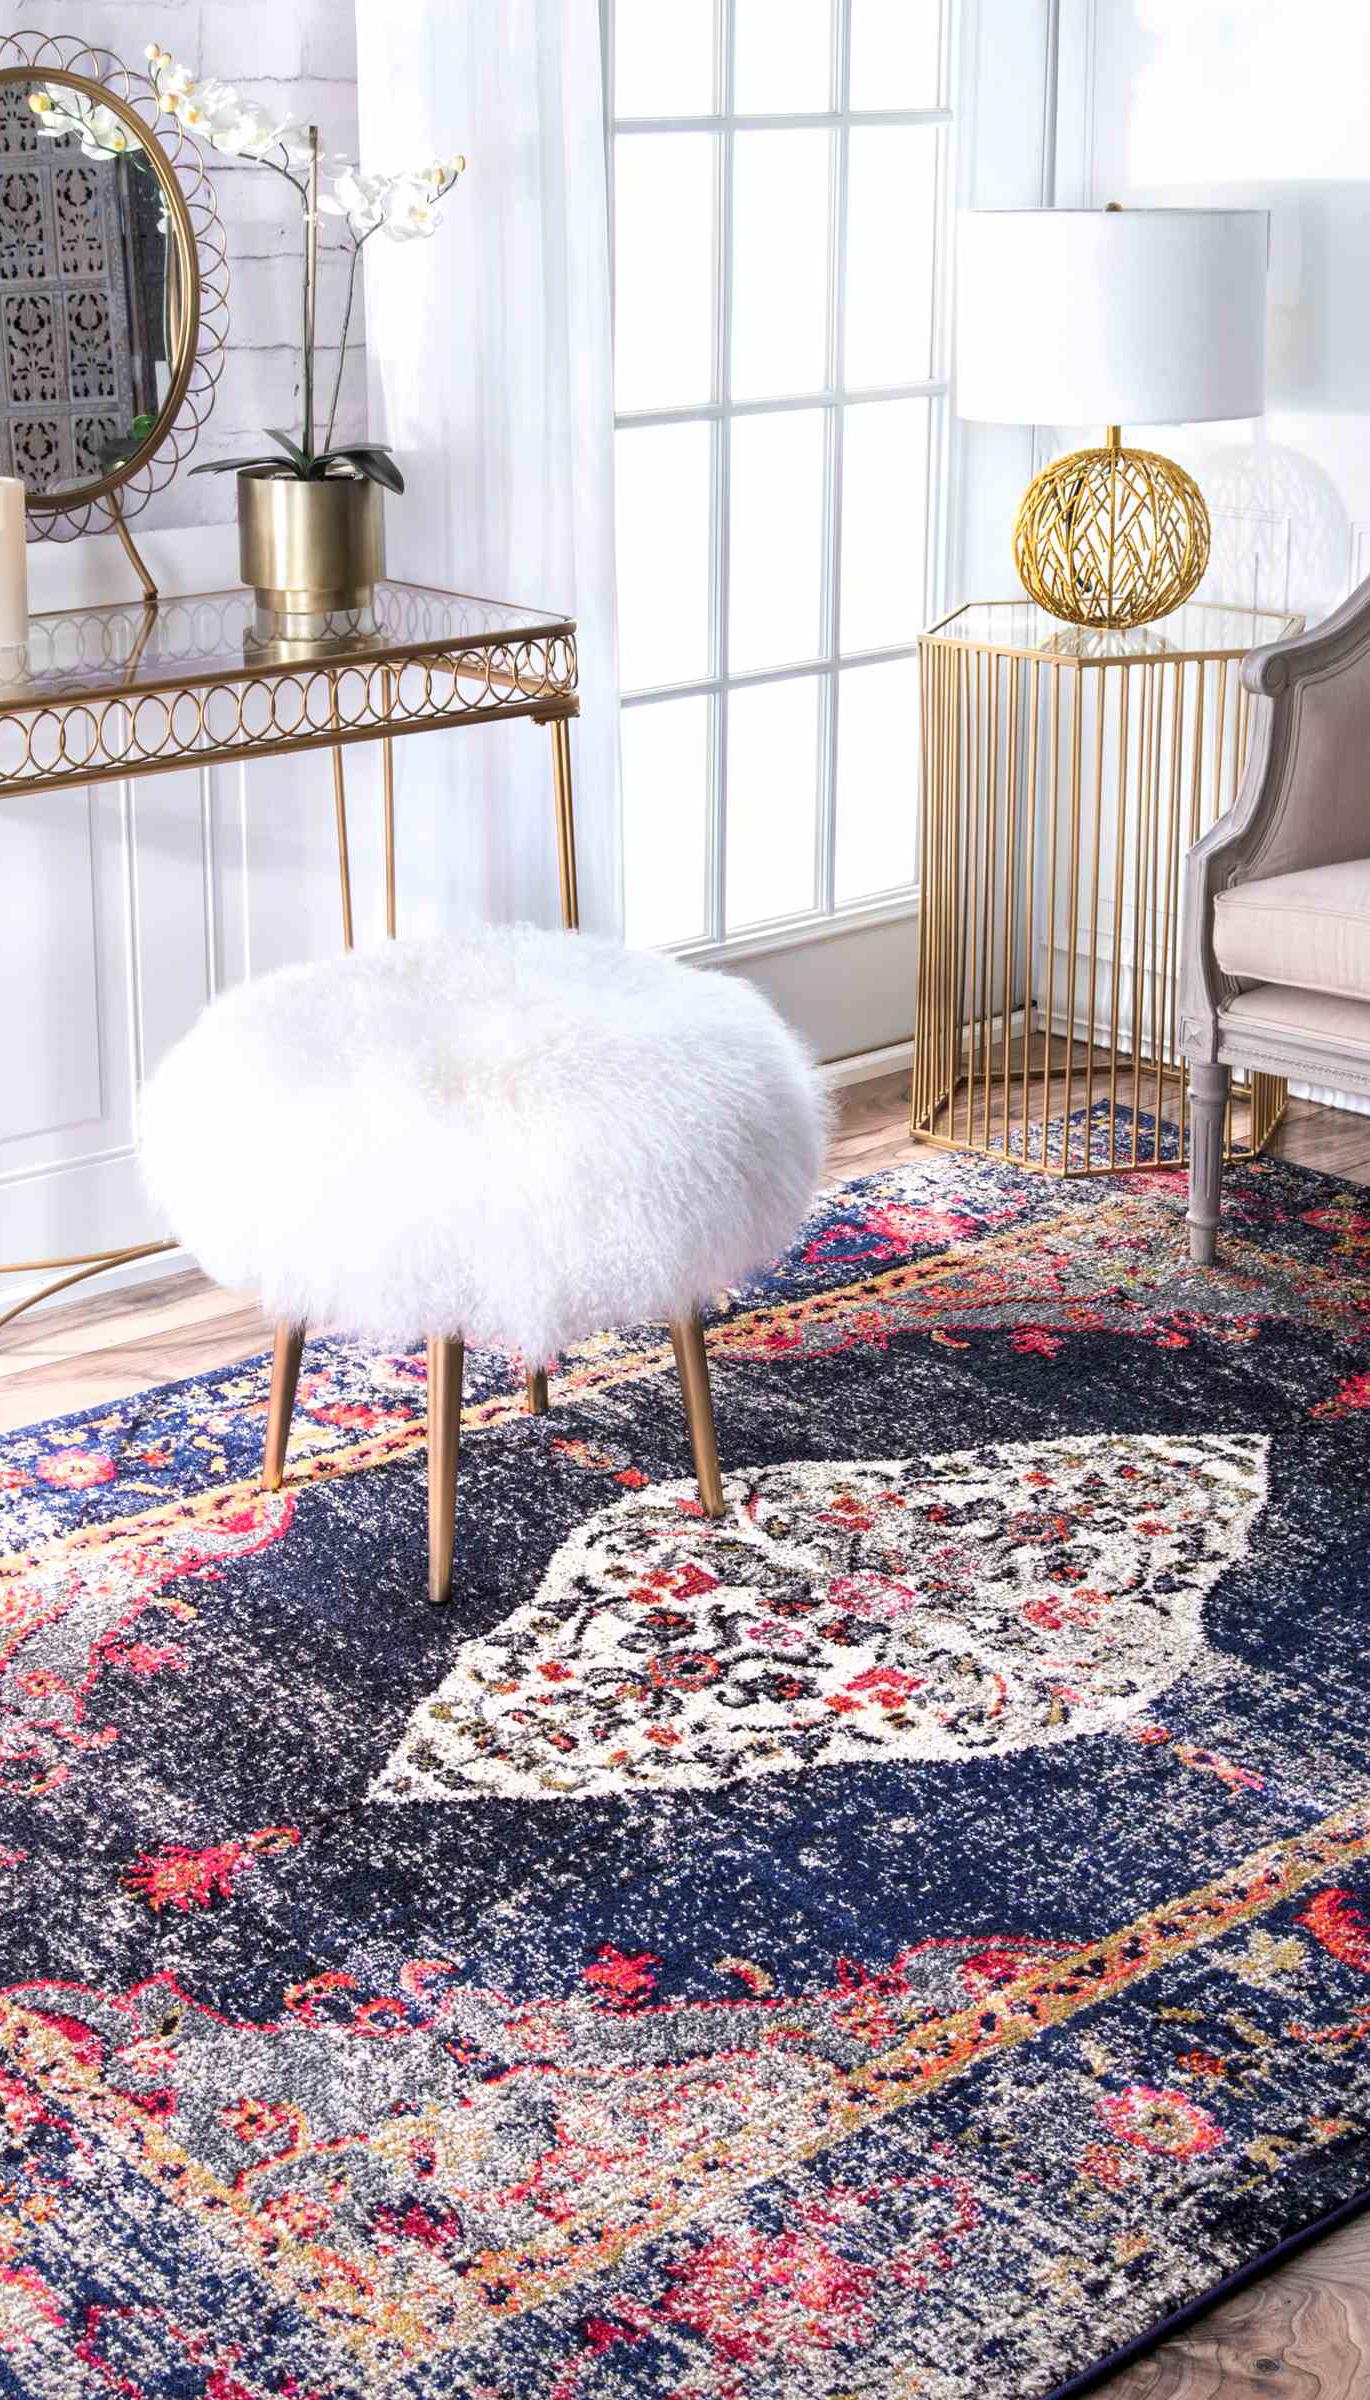 Fantastisch Vintage Style Blauer Und Roter Teppich Im Traditionellen Stil